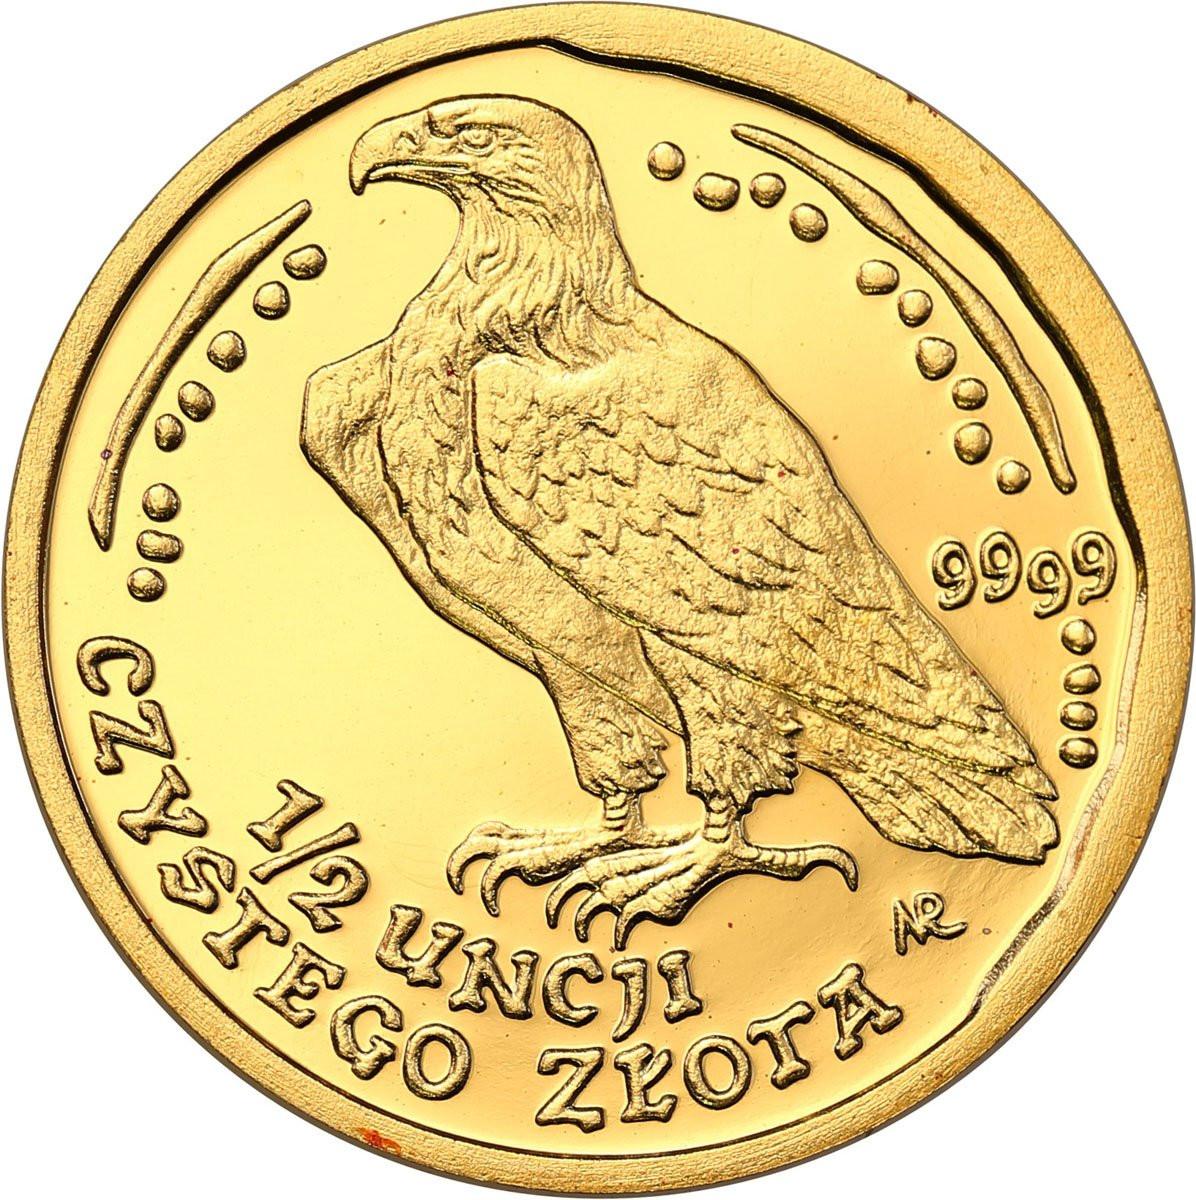 Polska. 200 złotych 2006 Orzeł Bielik – 1/2 UNCJI ZŁOTA